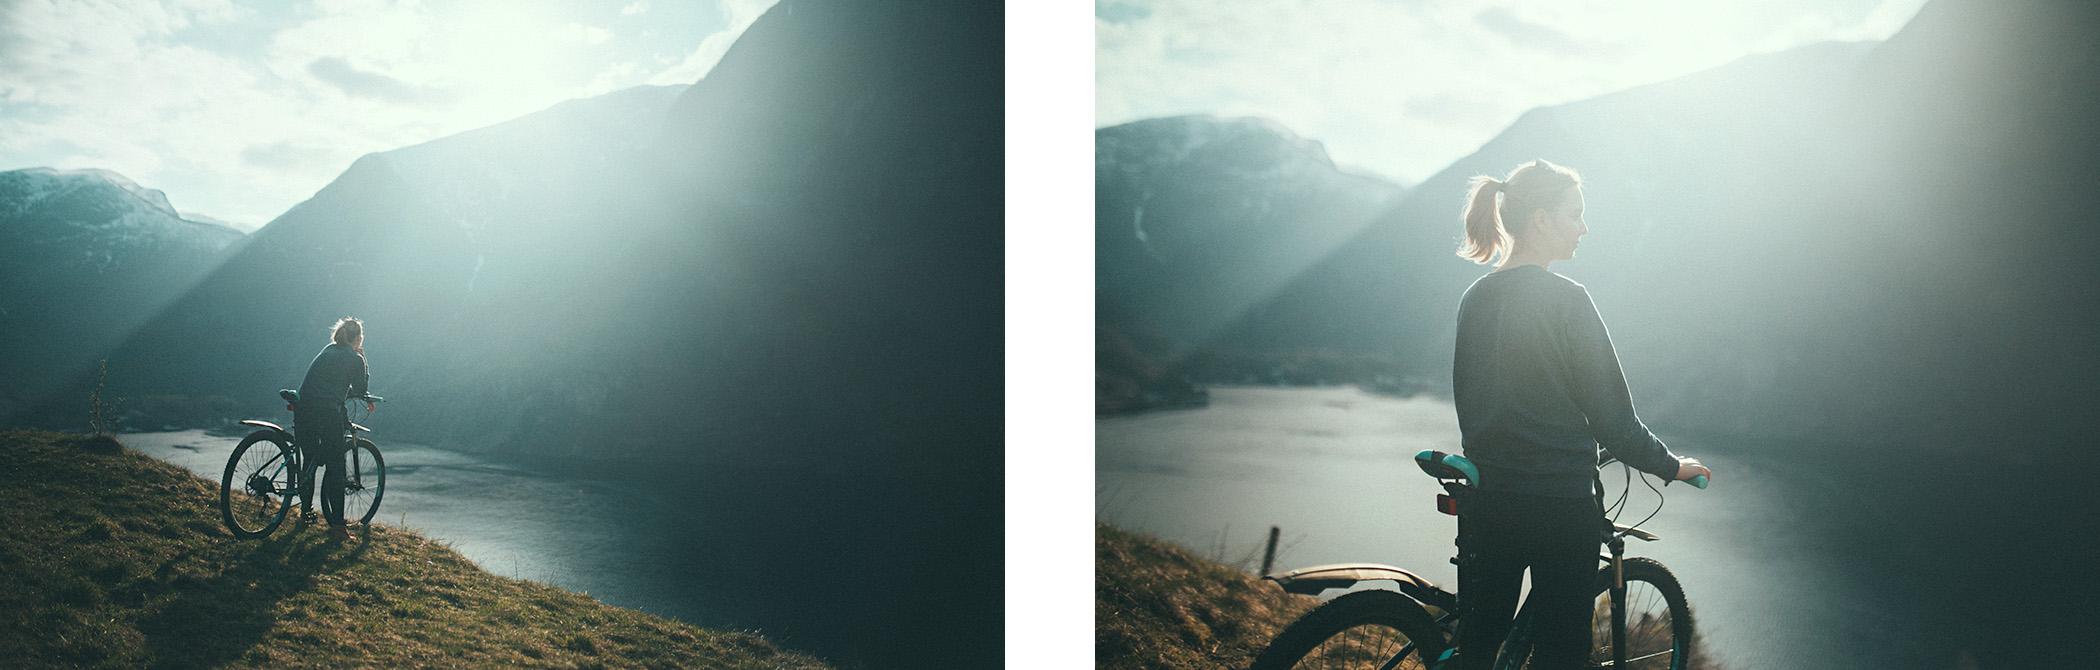 Magda, Otternes z widokiem na Flåm, z rowerem Kross